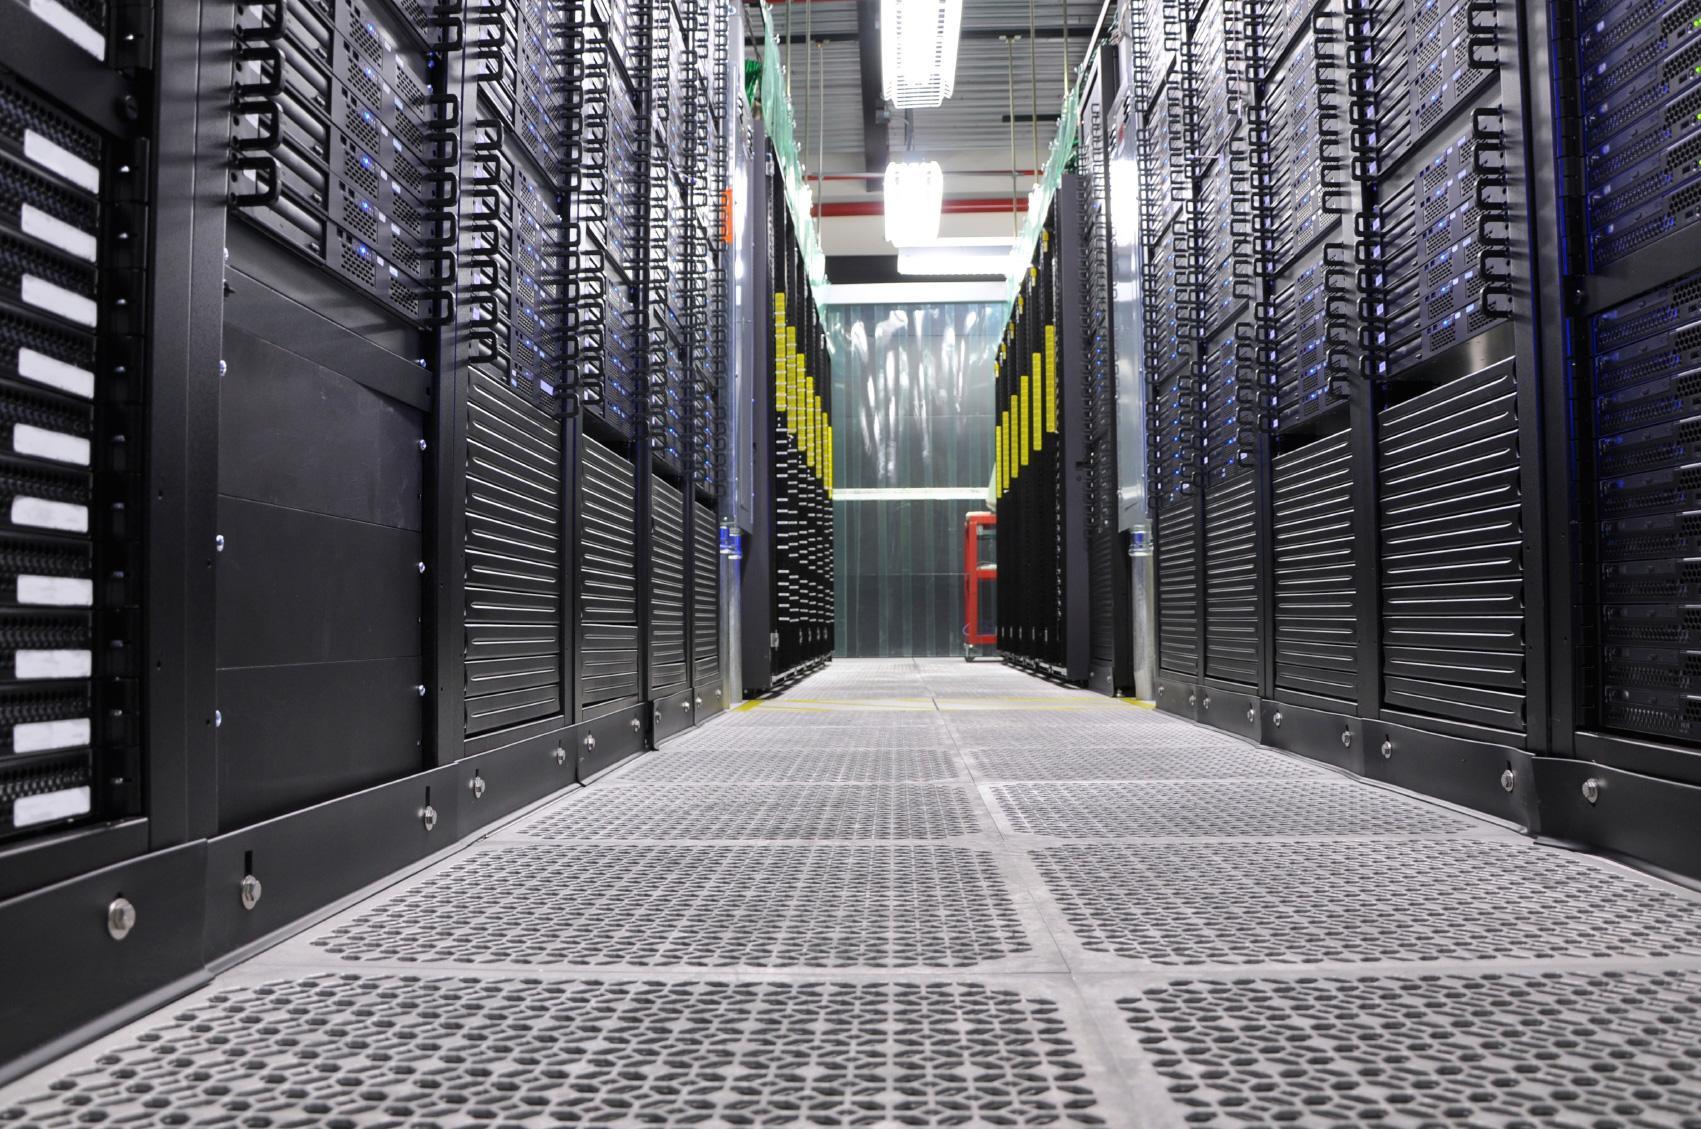 Gjennom en VPN-tjeneste kan en rekke personer skjule seg bak én anonymiserende IP-adresse.Foto: iStock, 16528237